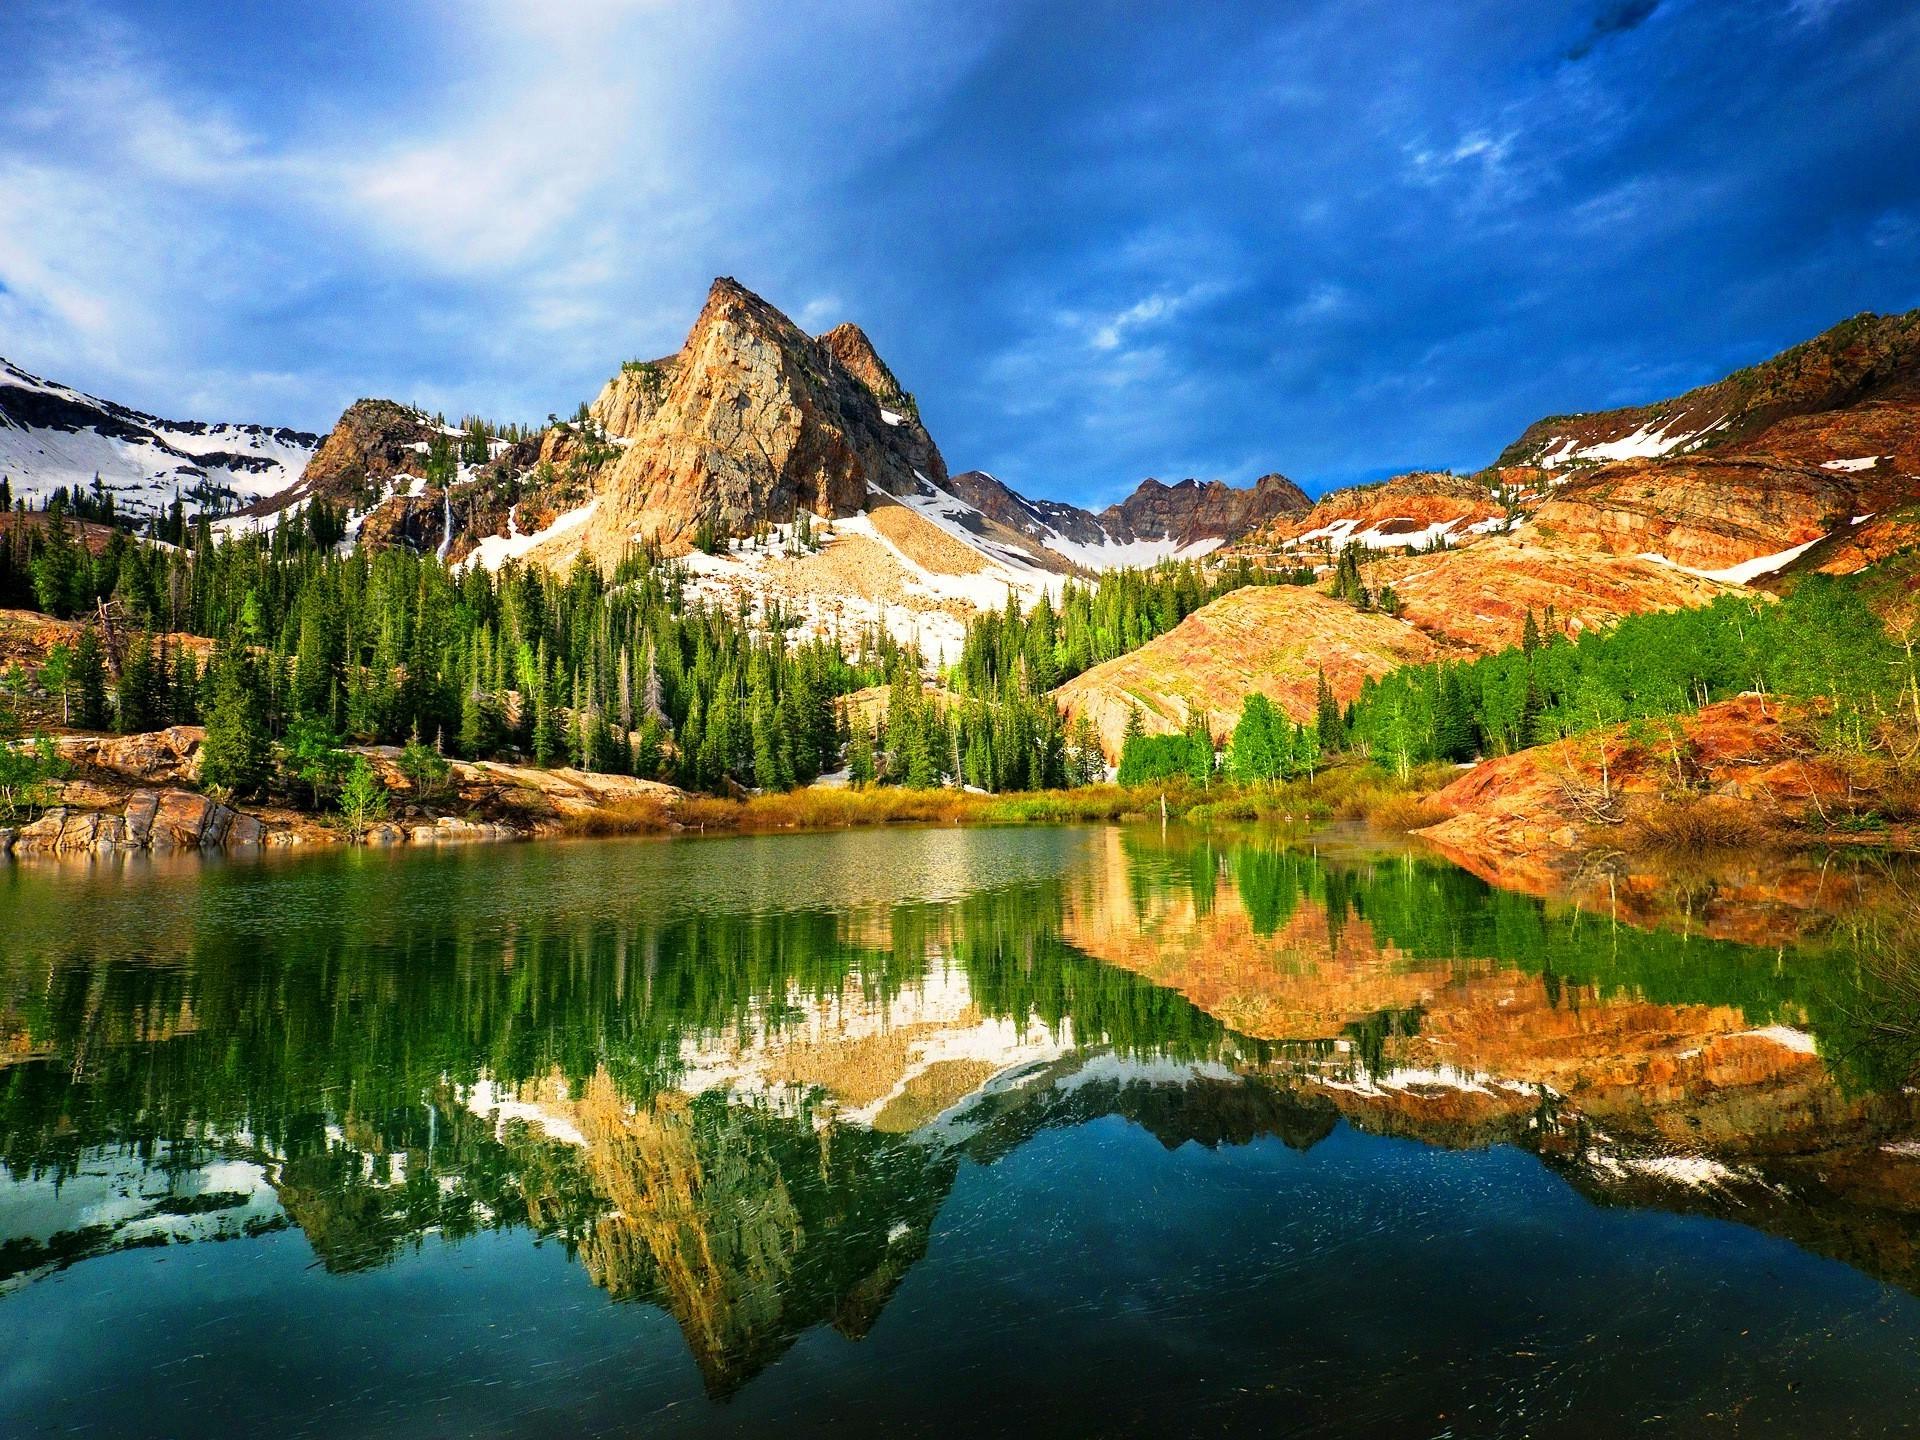 тридевятое профессиональное пейзажное фото красотки скатываются